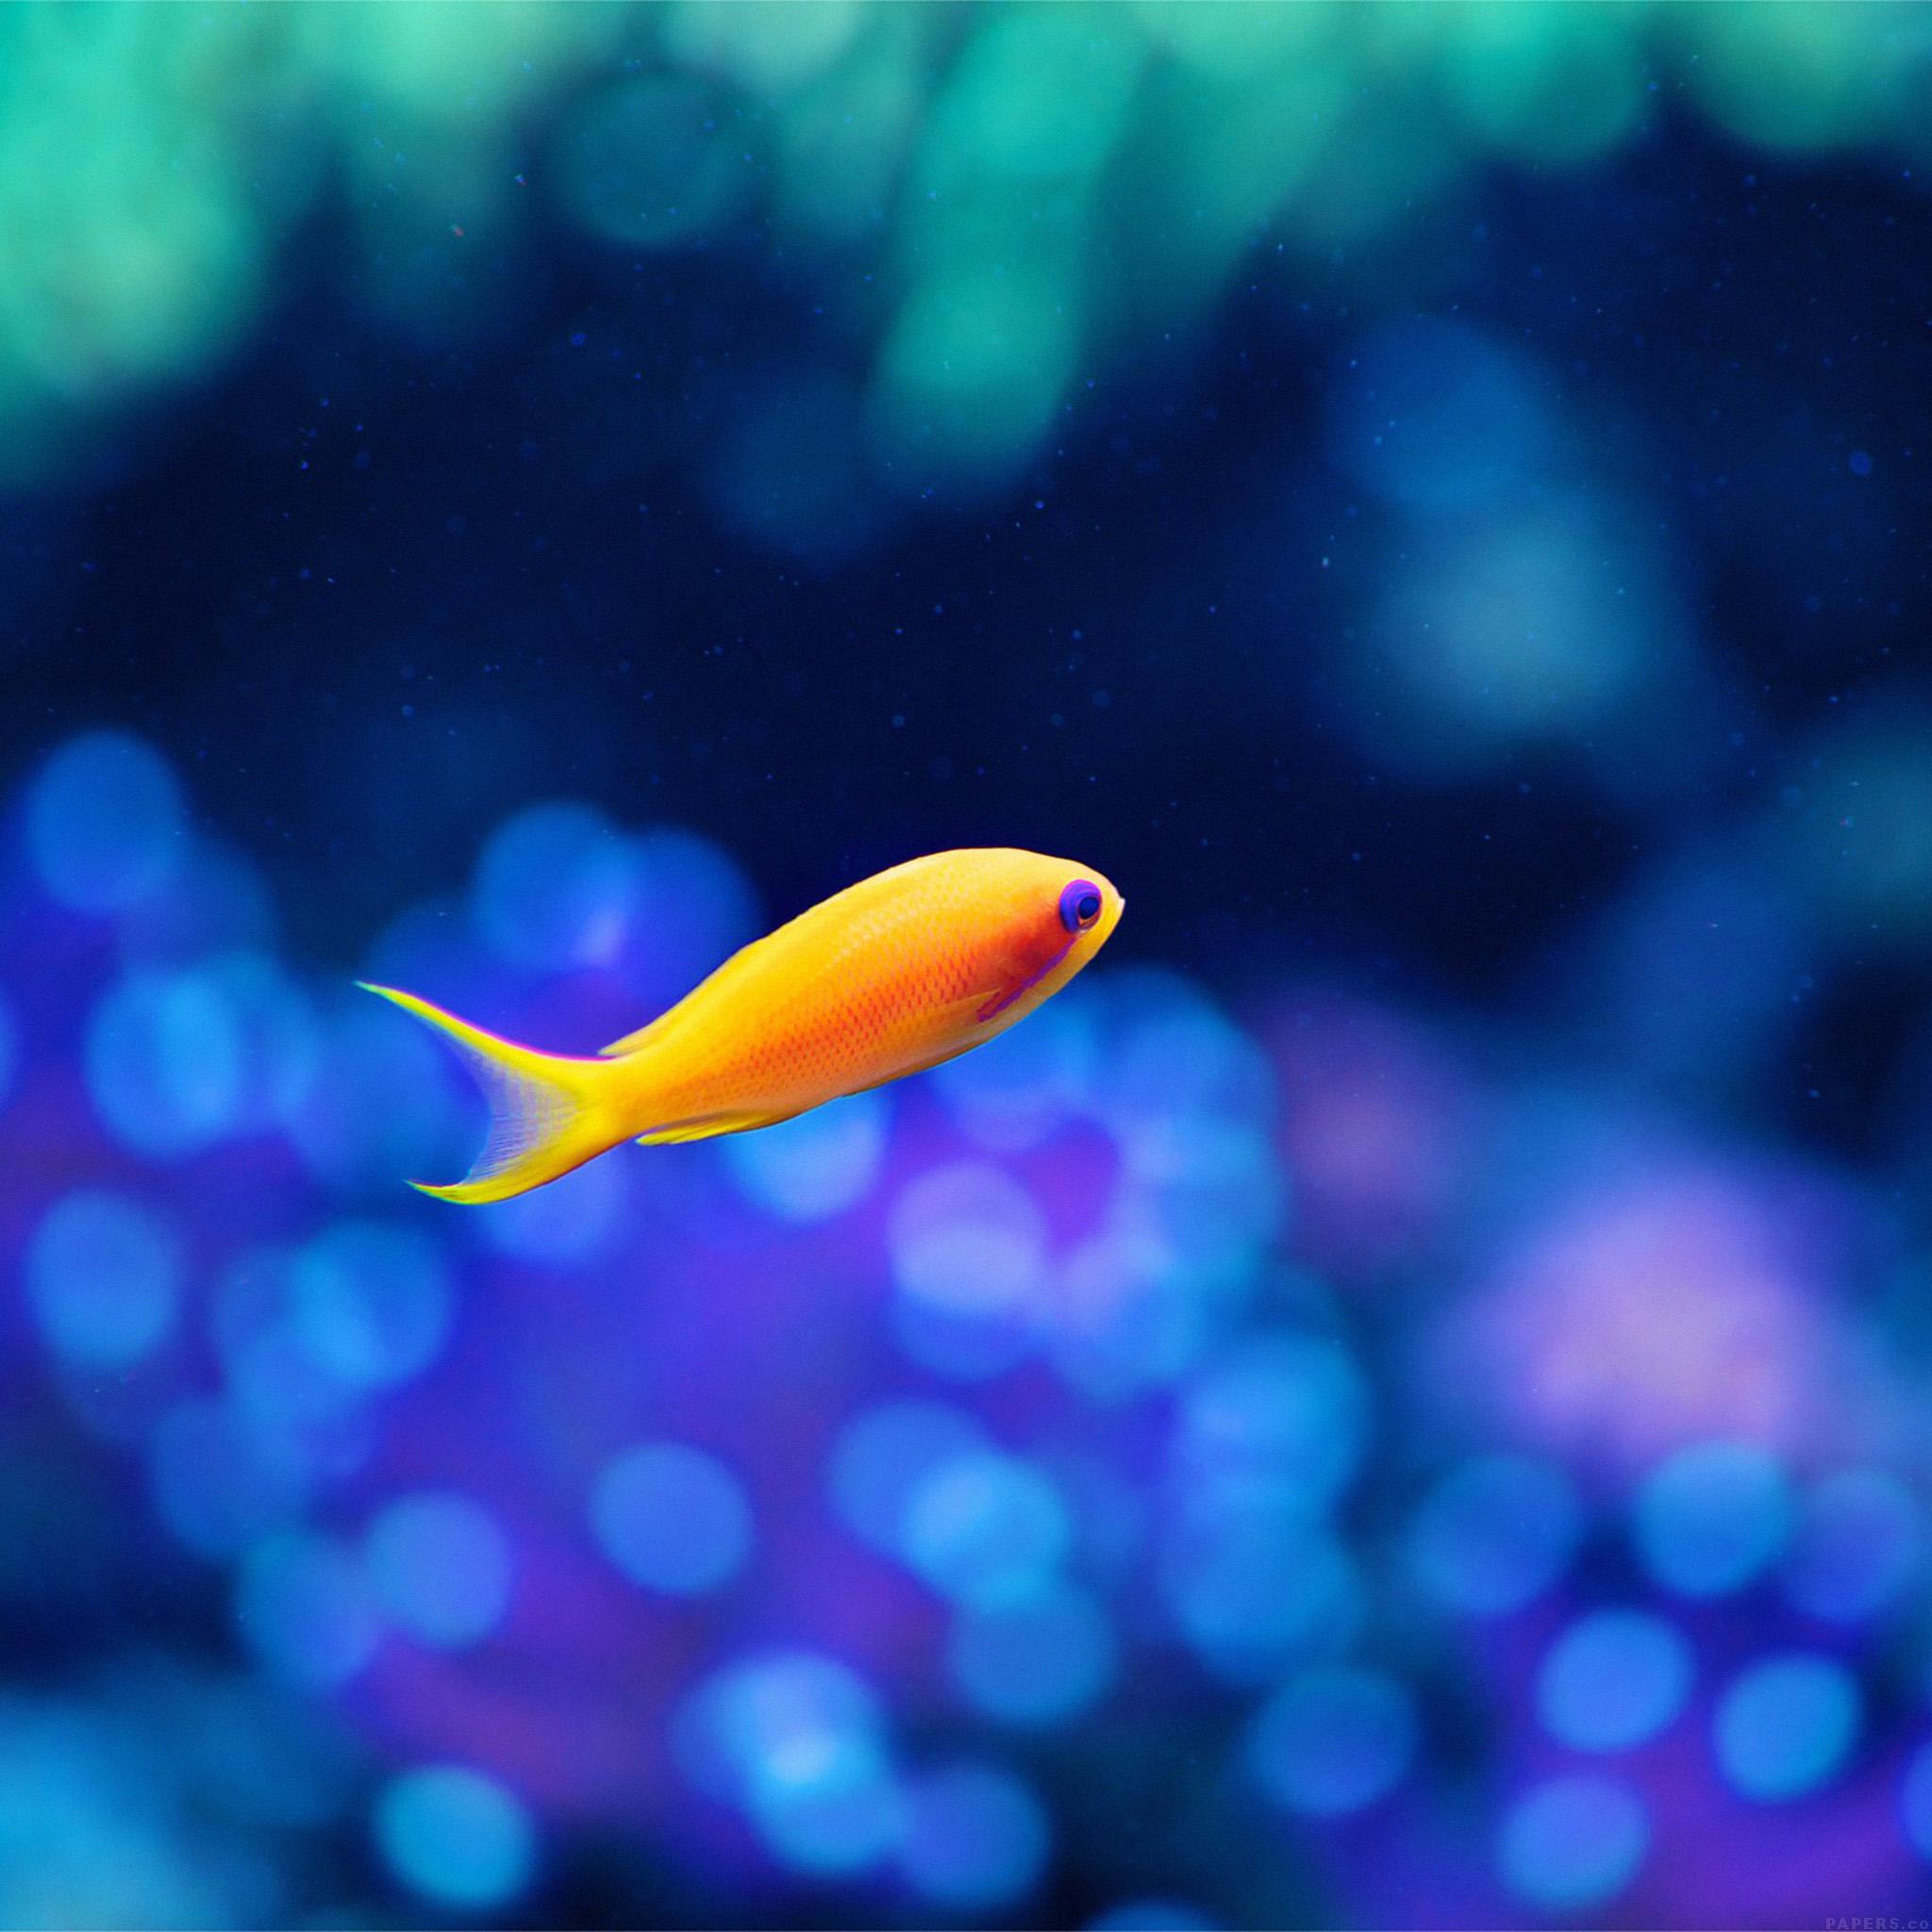 Mj48-cute-fish-ocean-sea-animal-nature